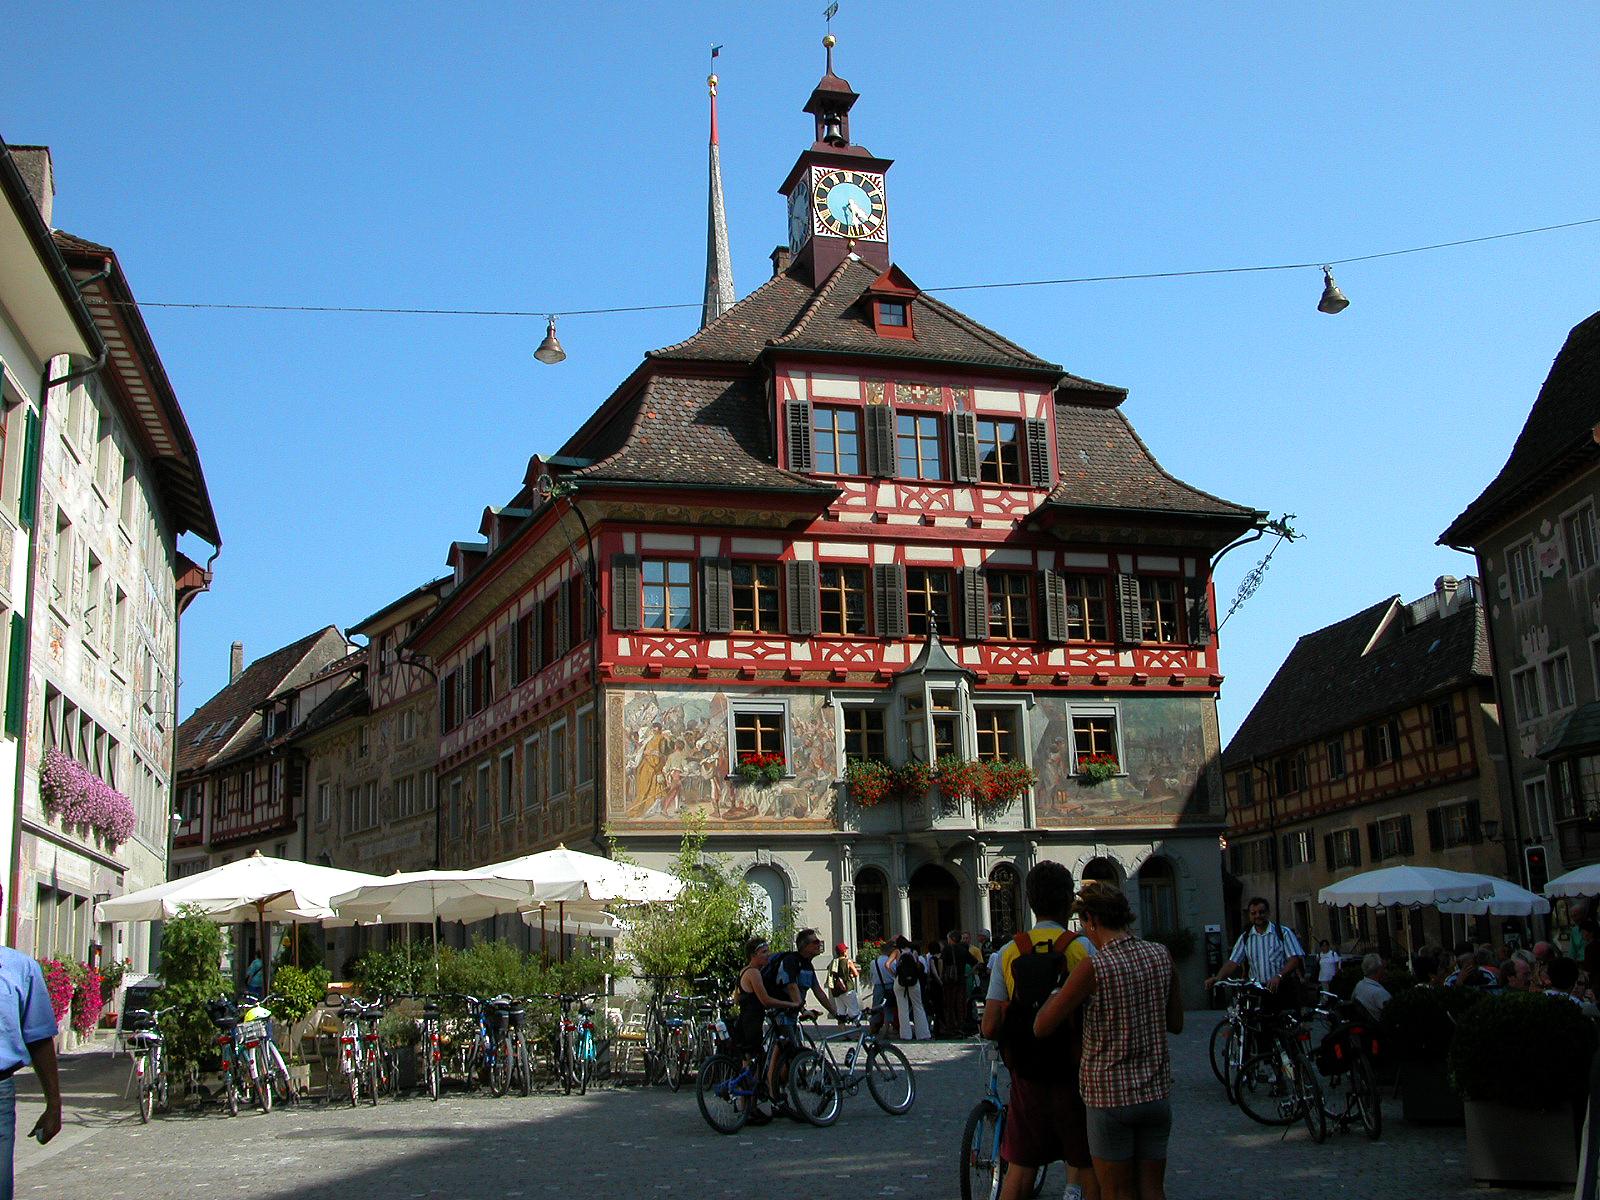 Radurlaub am Bodensee-mit dem Rad Stein am Rhein erkunden